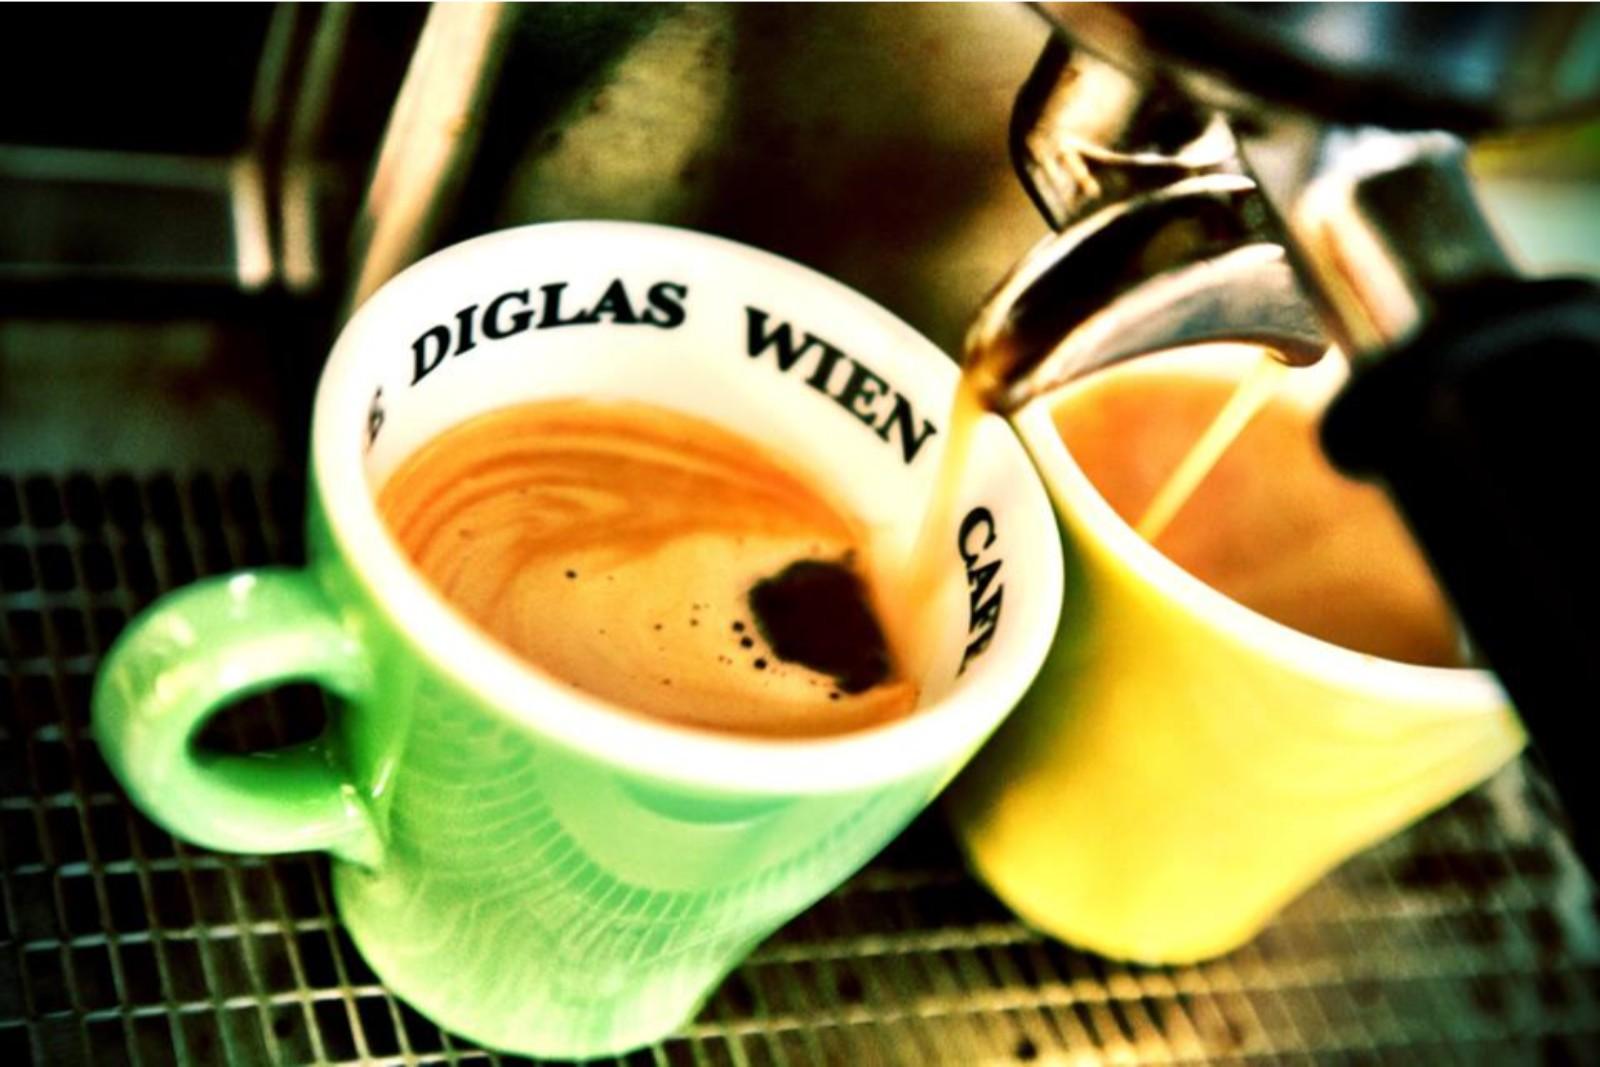 Café Diglas am Fleischmarkt 3